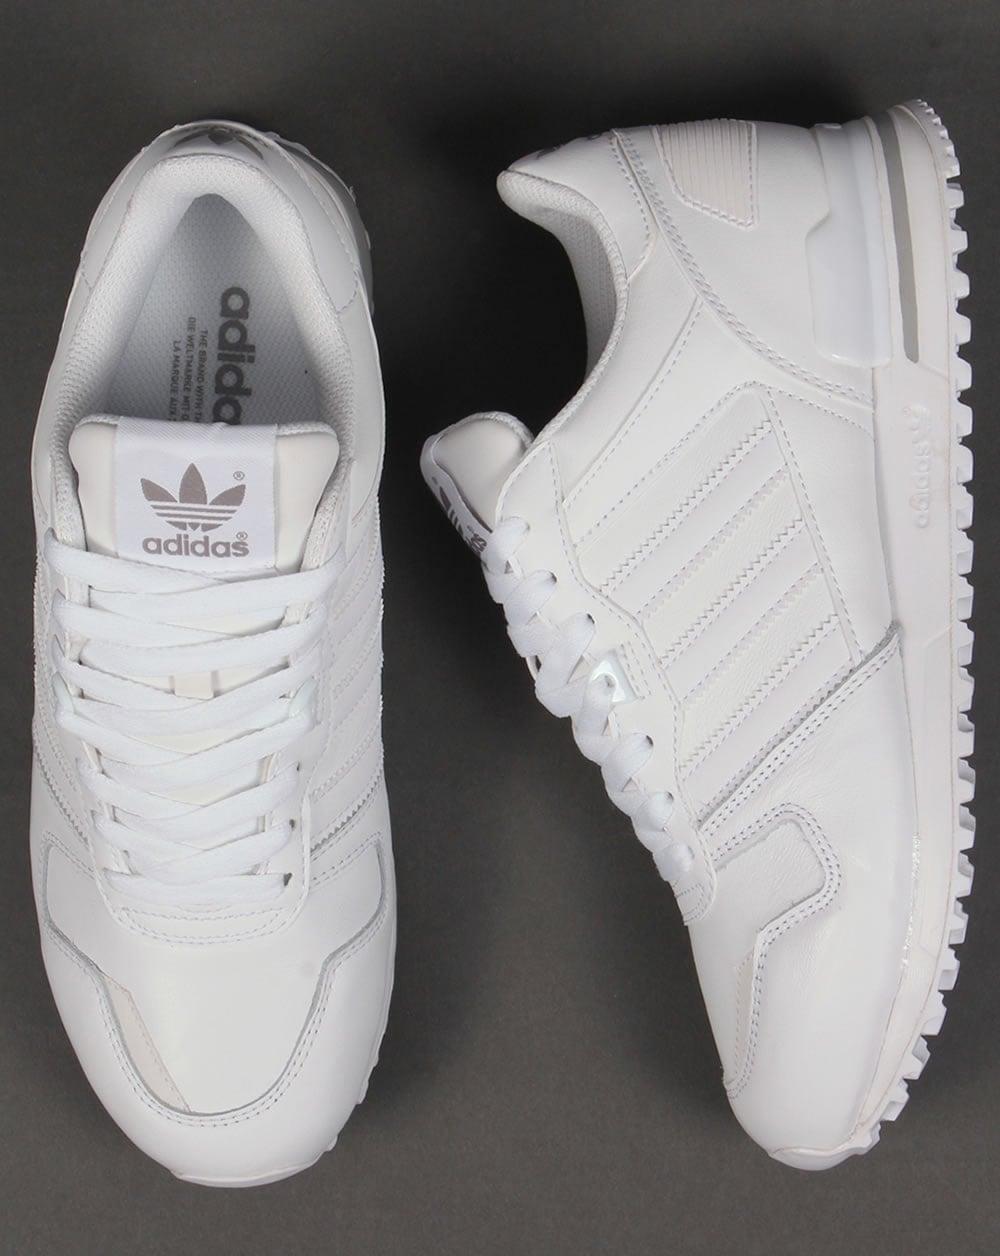 Adidas Zx700 Blanco lfHKZc6